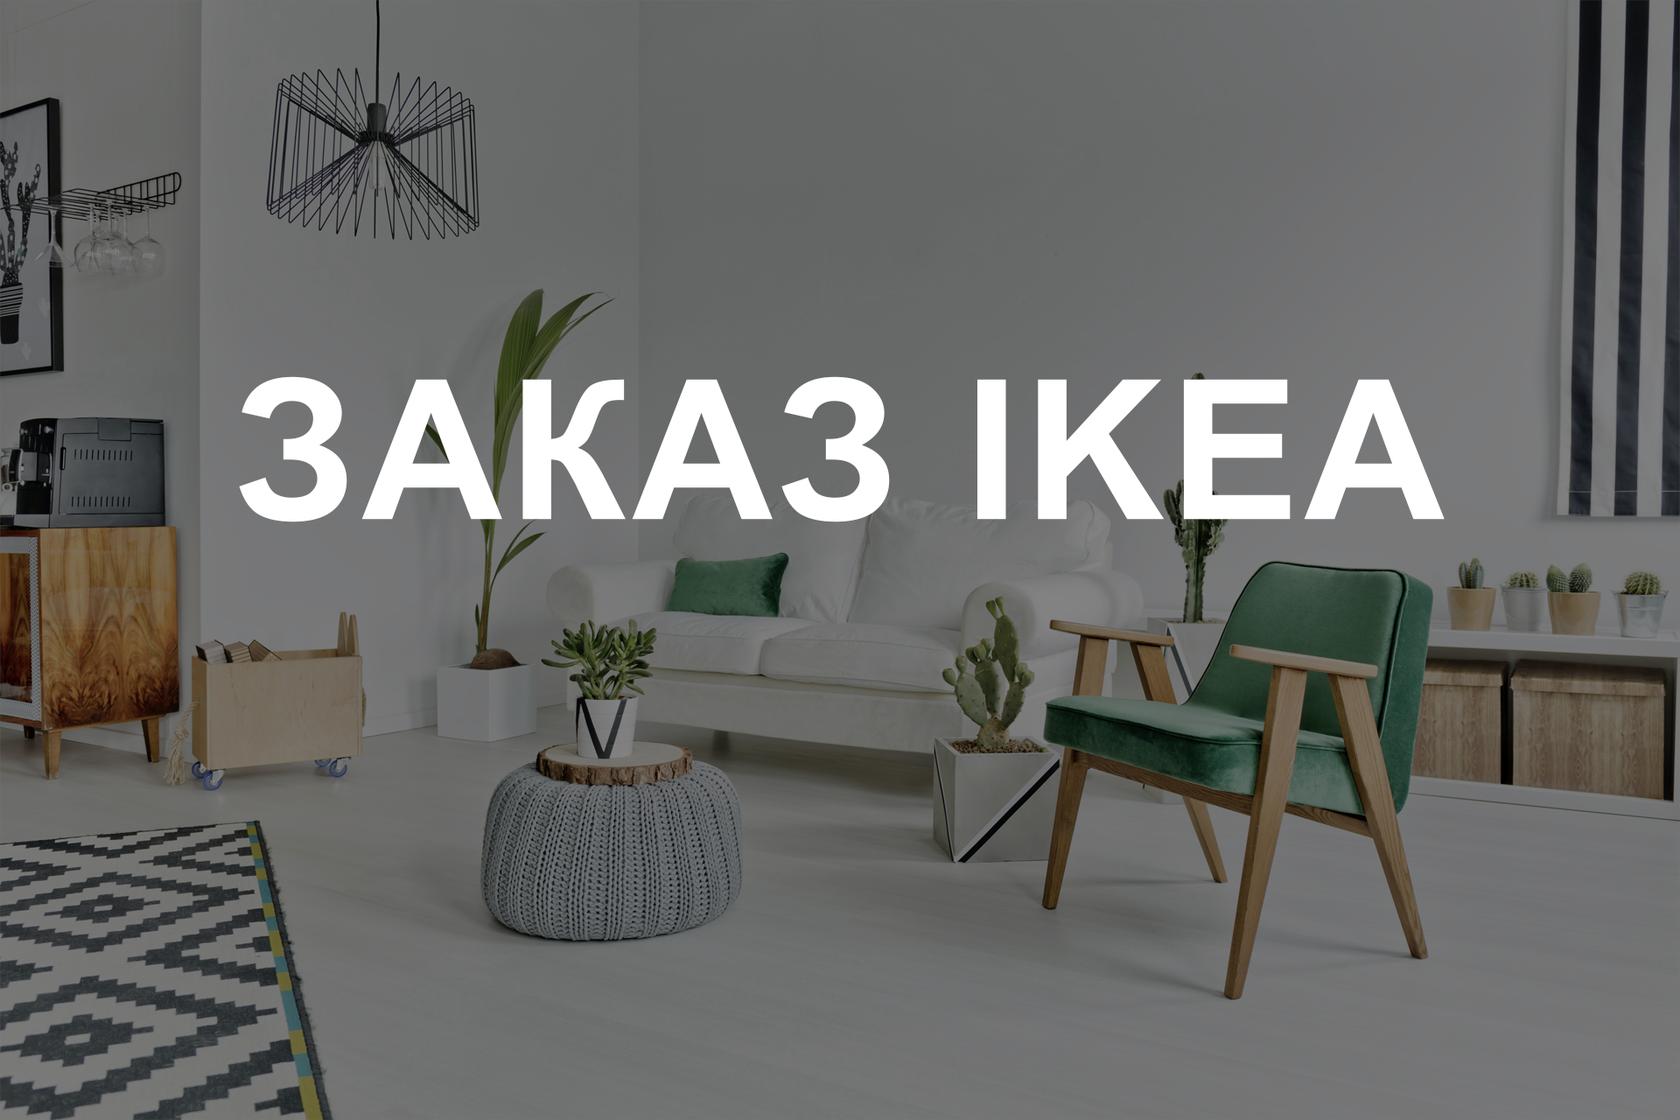 Ikea заказать товары из икеи онлайн через интернет в казахстане